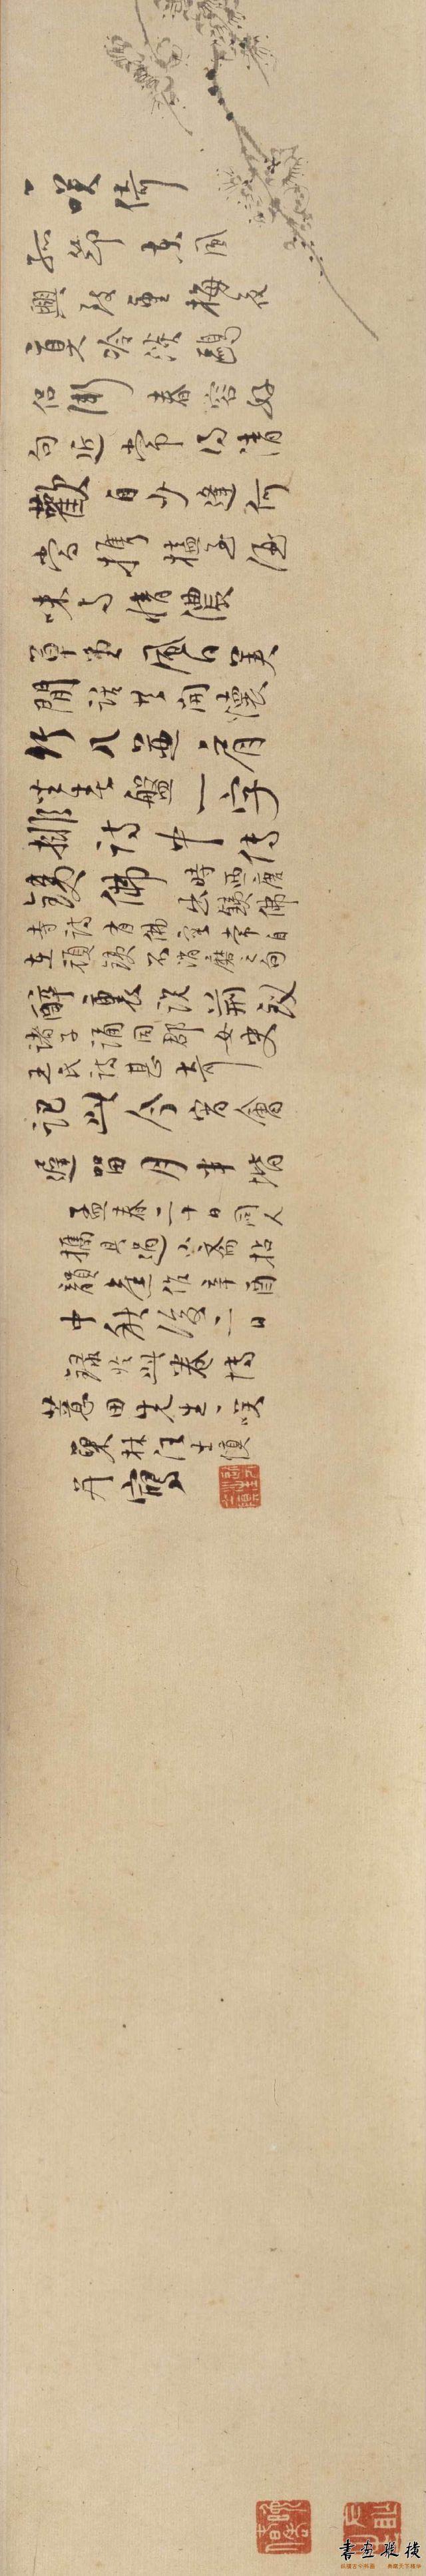 清 汪士慎 墨梅图卷 纸本 墨笔 纵18厘米 横604厘米 故宫博物院藏